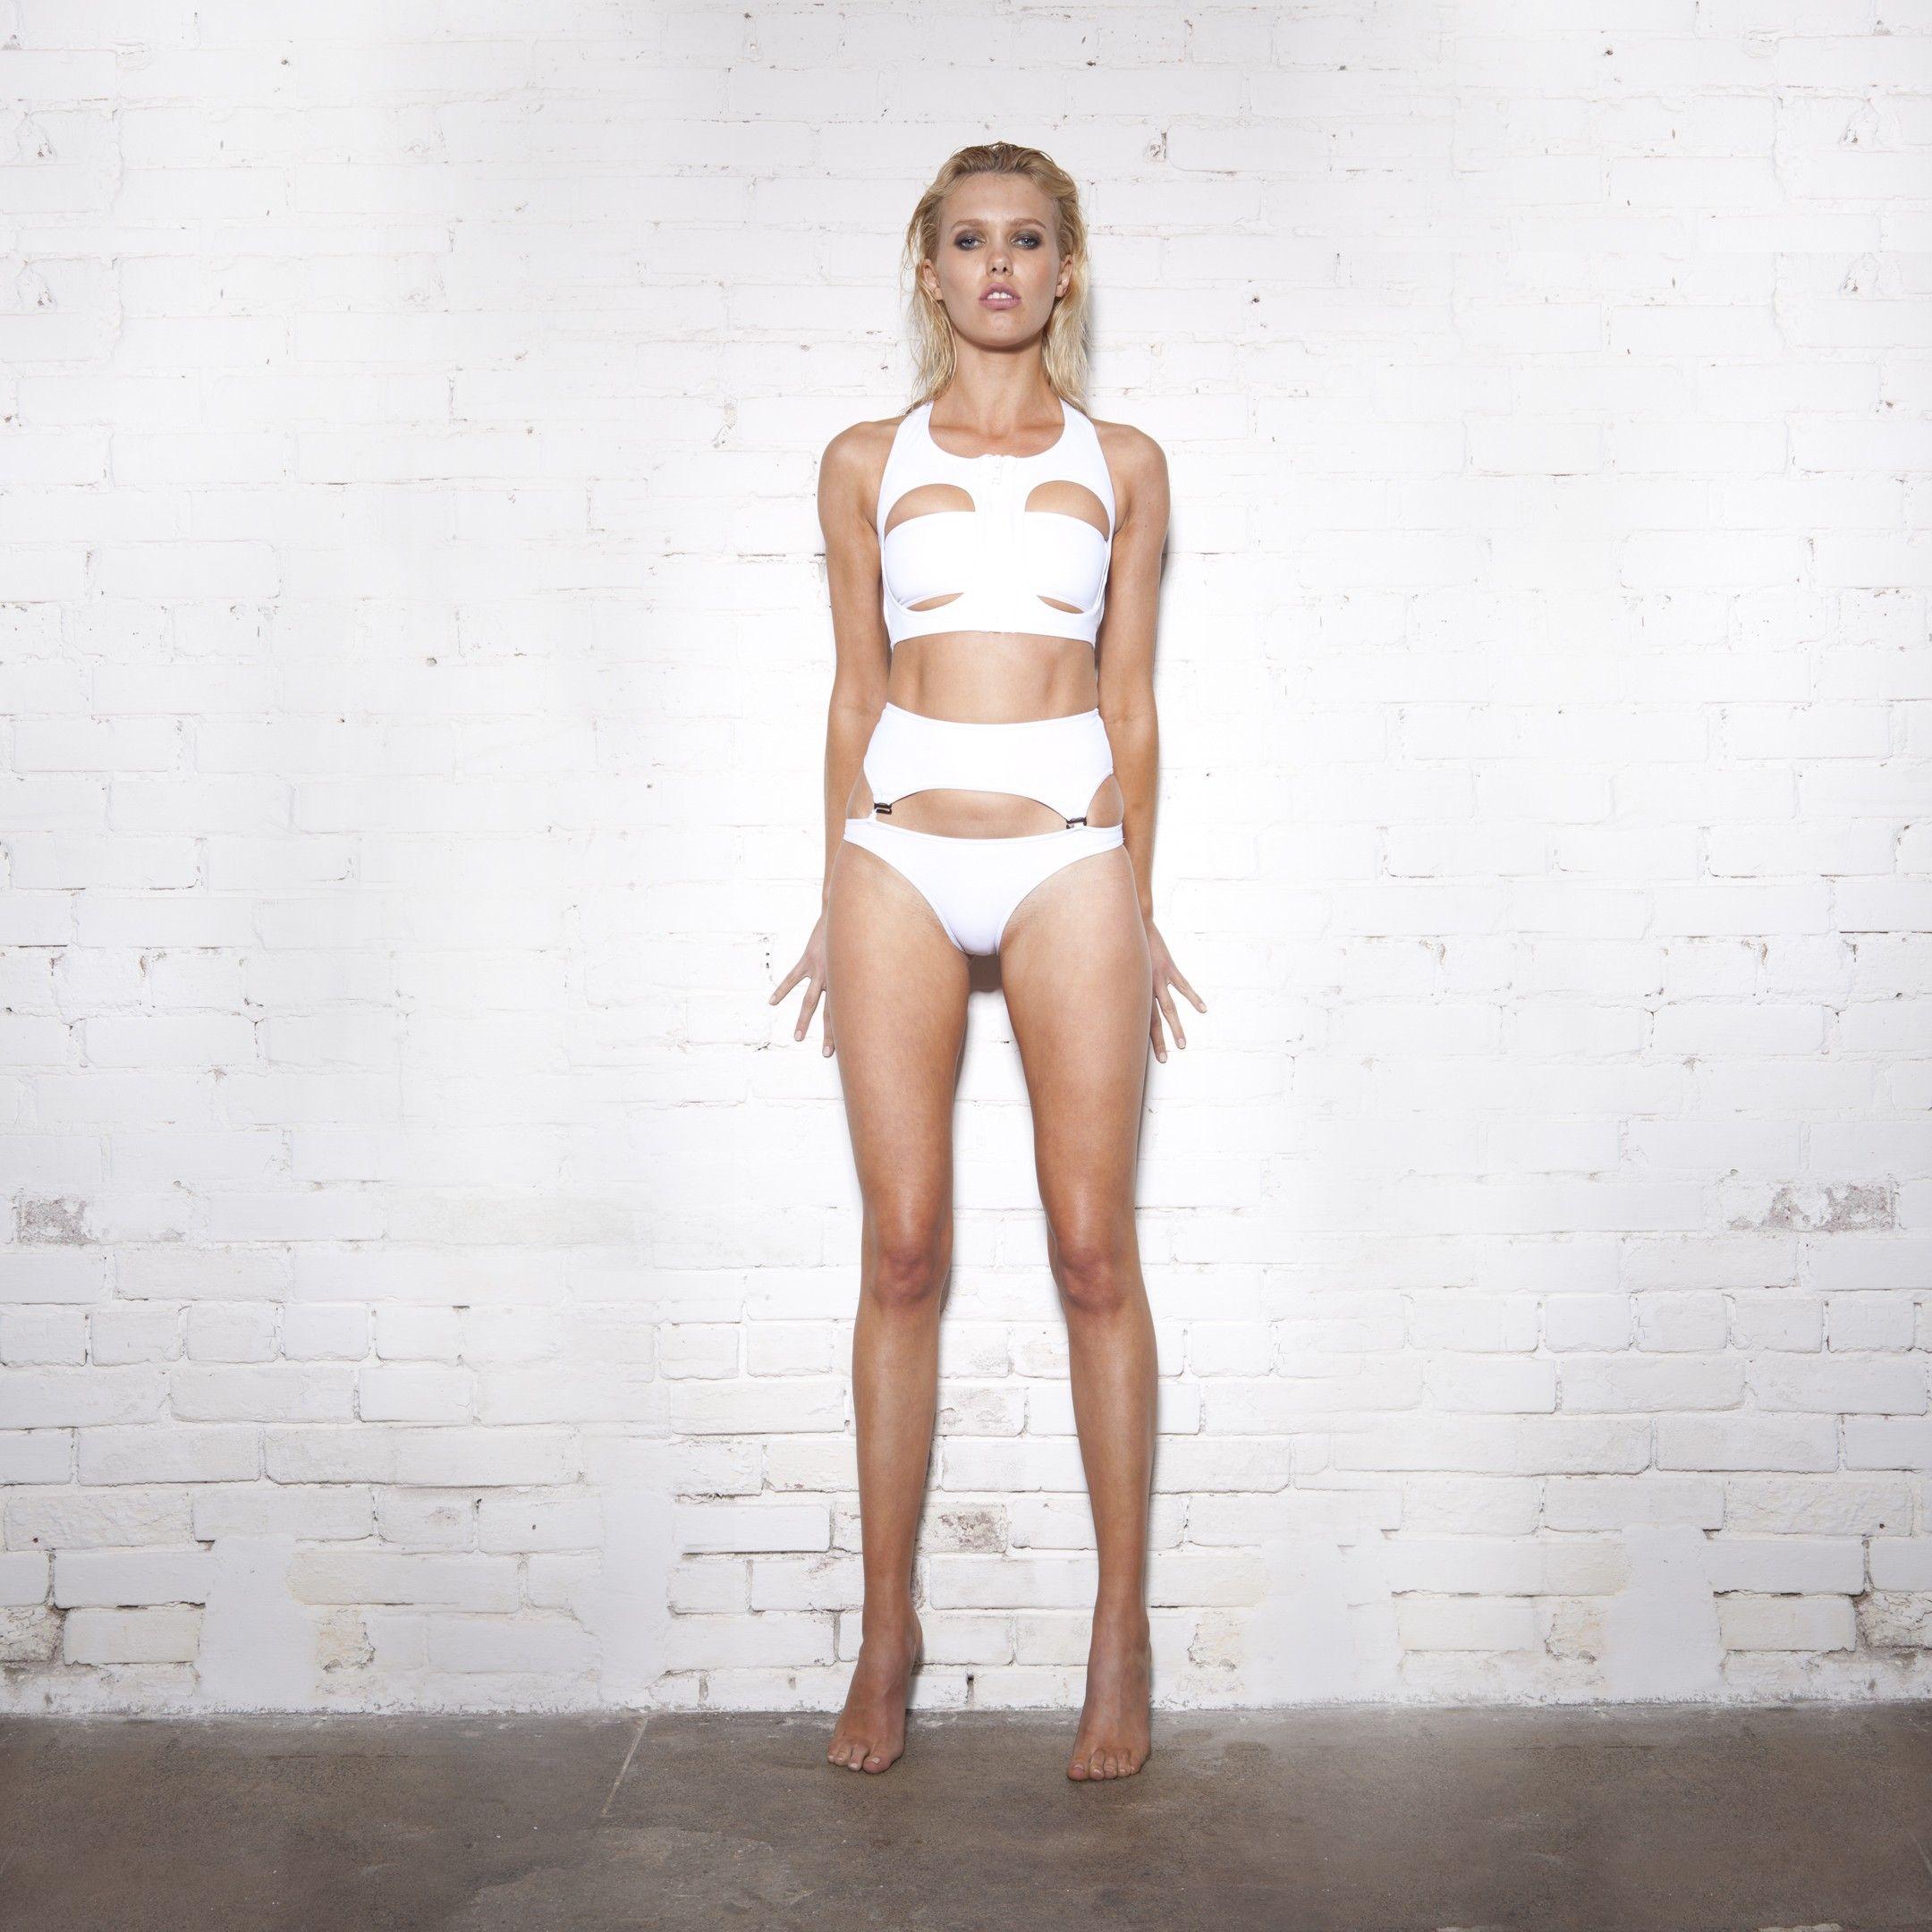 Bikini Grace Jones nude photos 2019